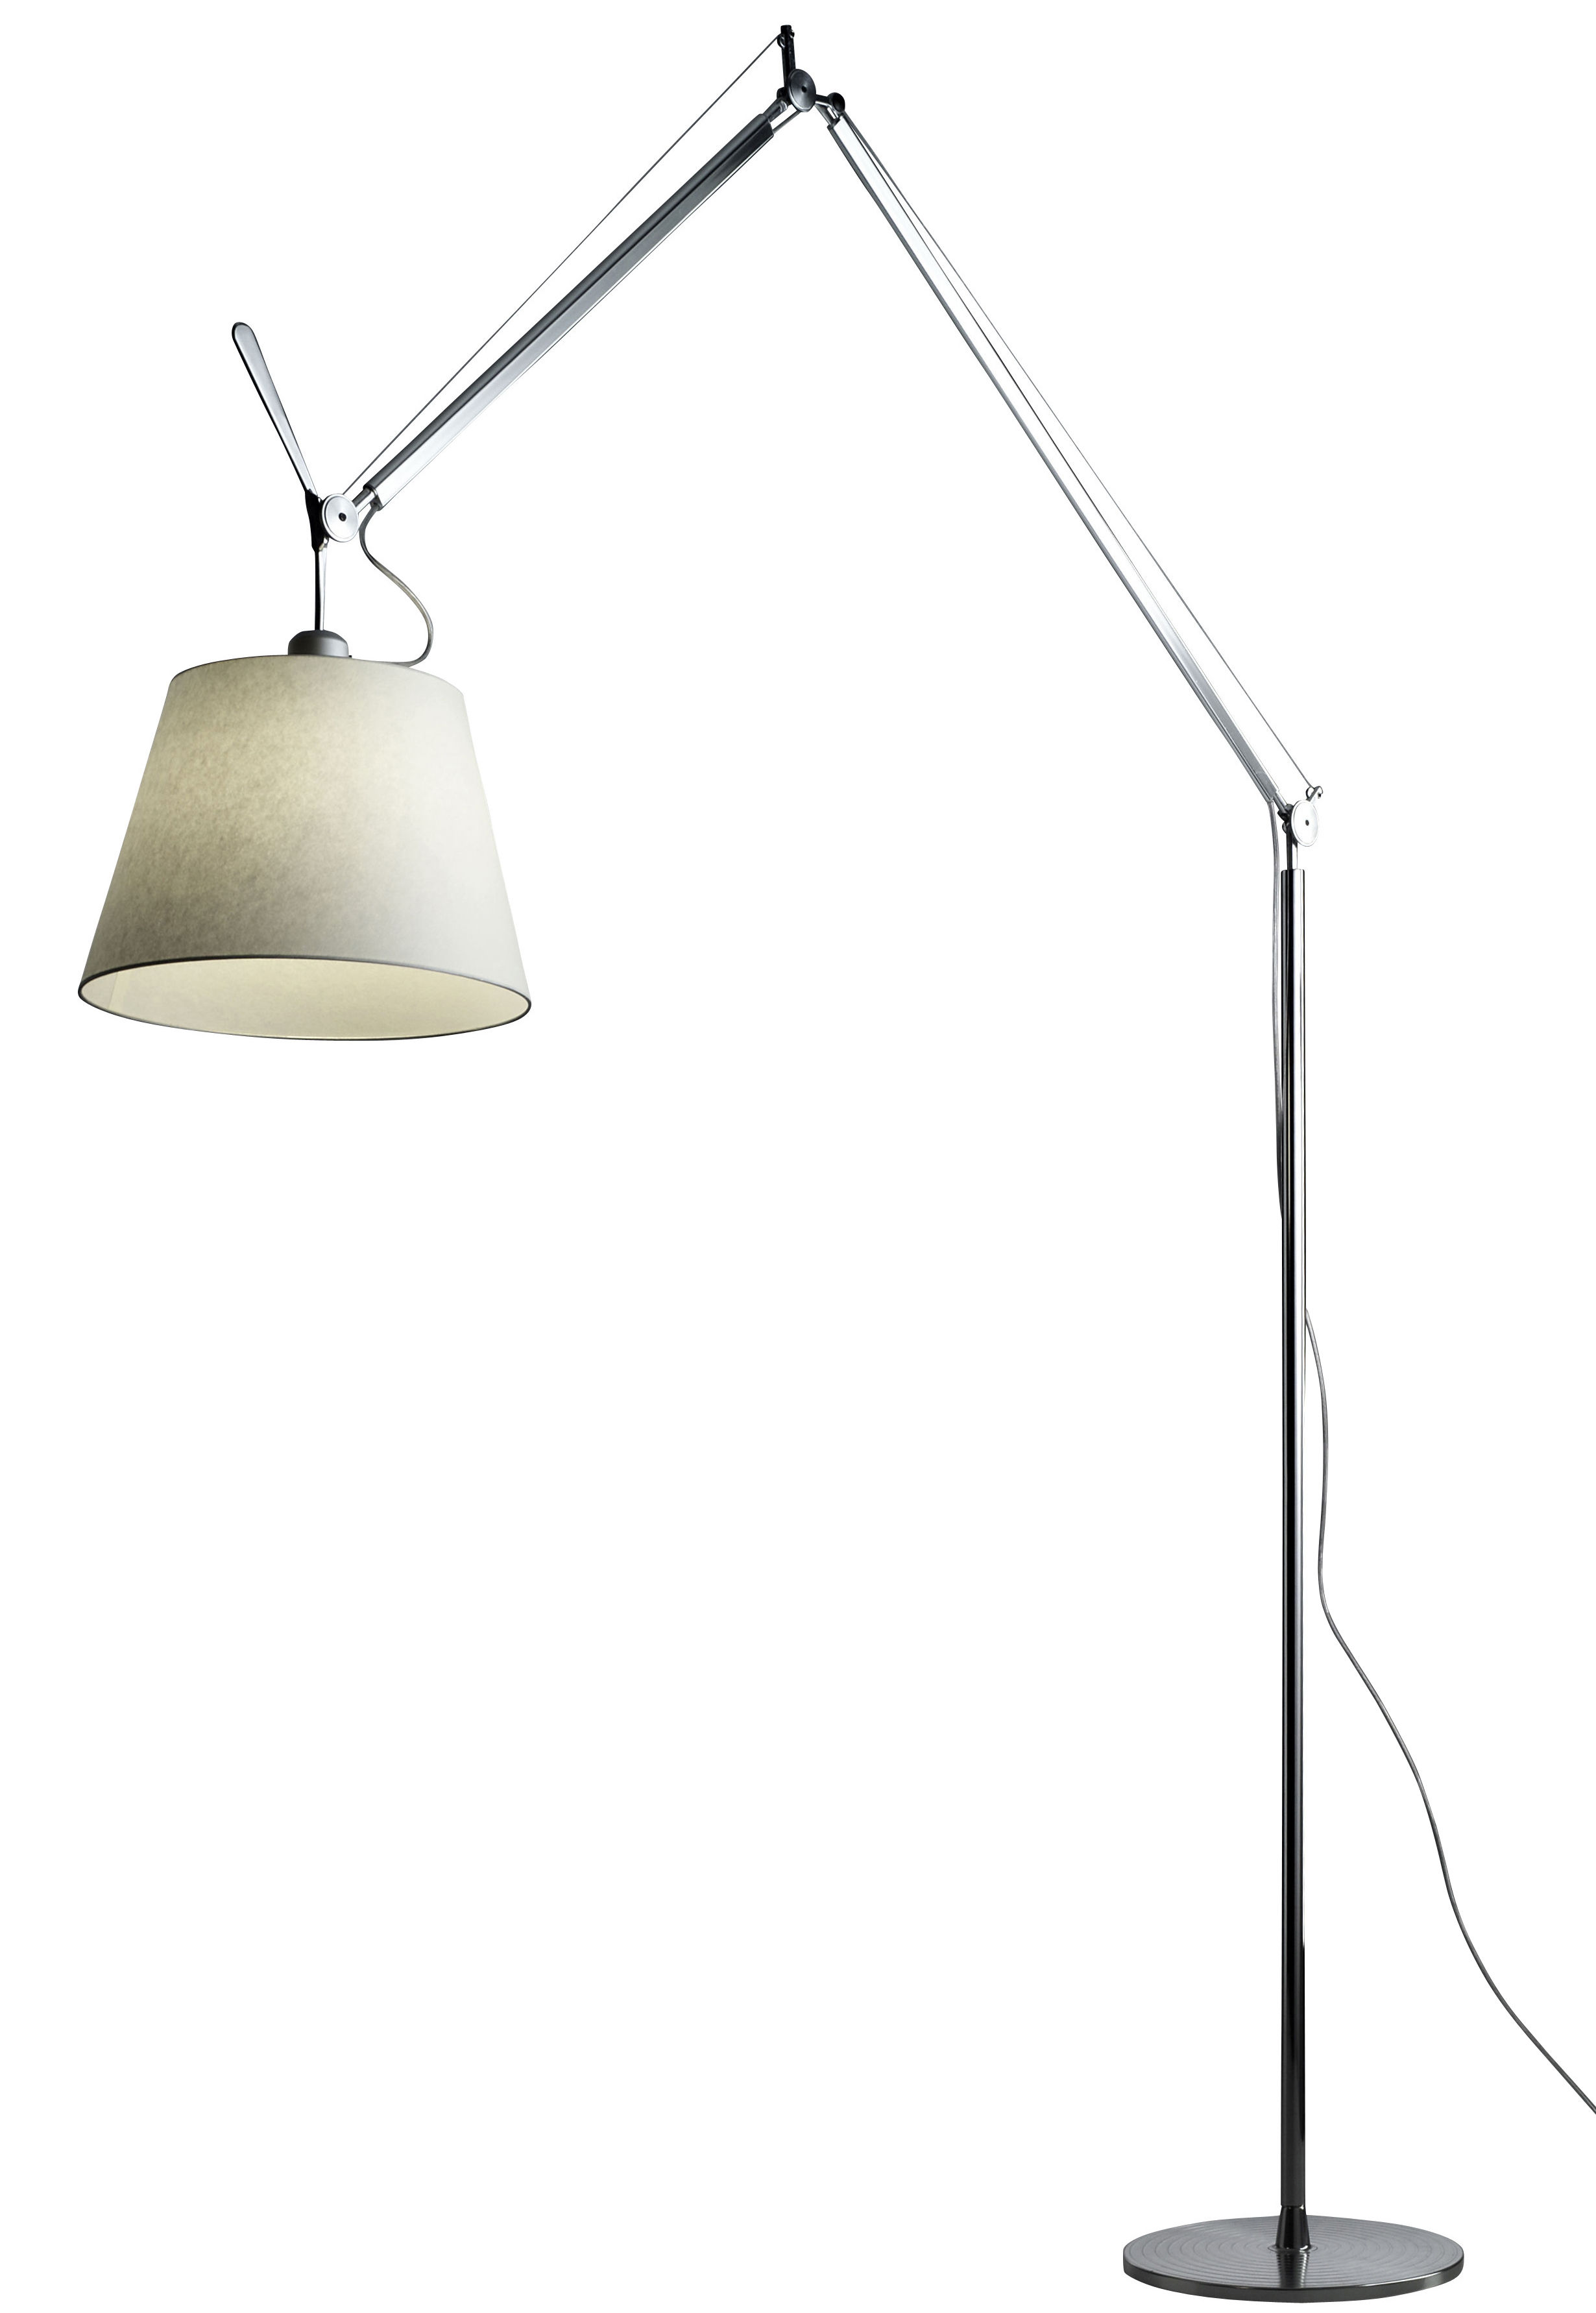 Illuminazione - Lampade da terra - Lampada a stelo Tolomeo Mega LED - /da H 148 a 327 cm di Artemide -  - Alluminio lucido, Carta pergamena